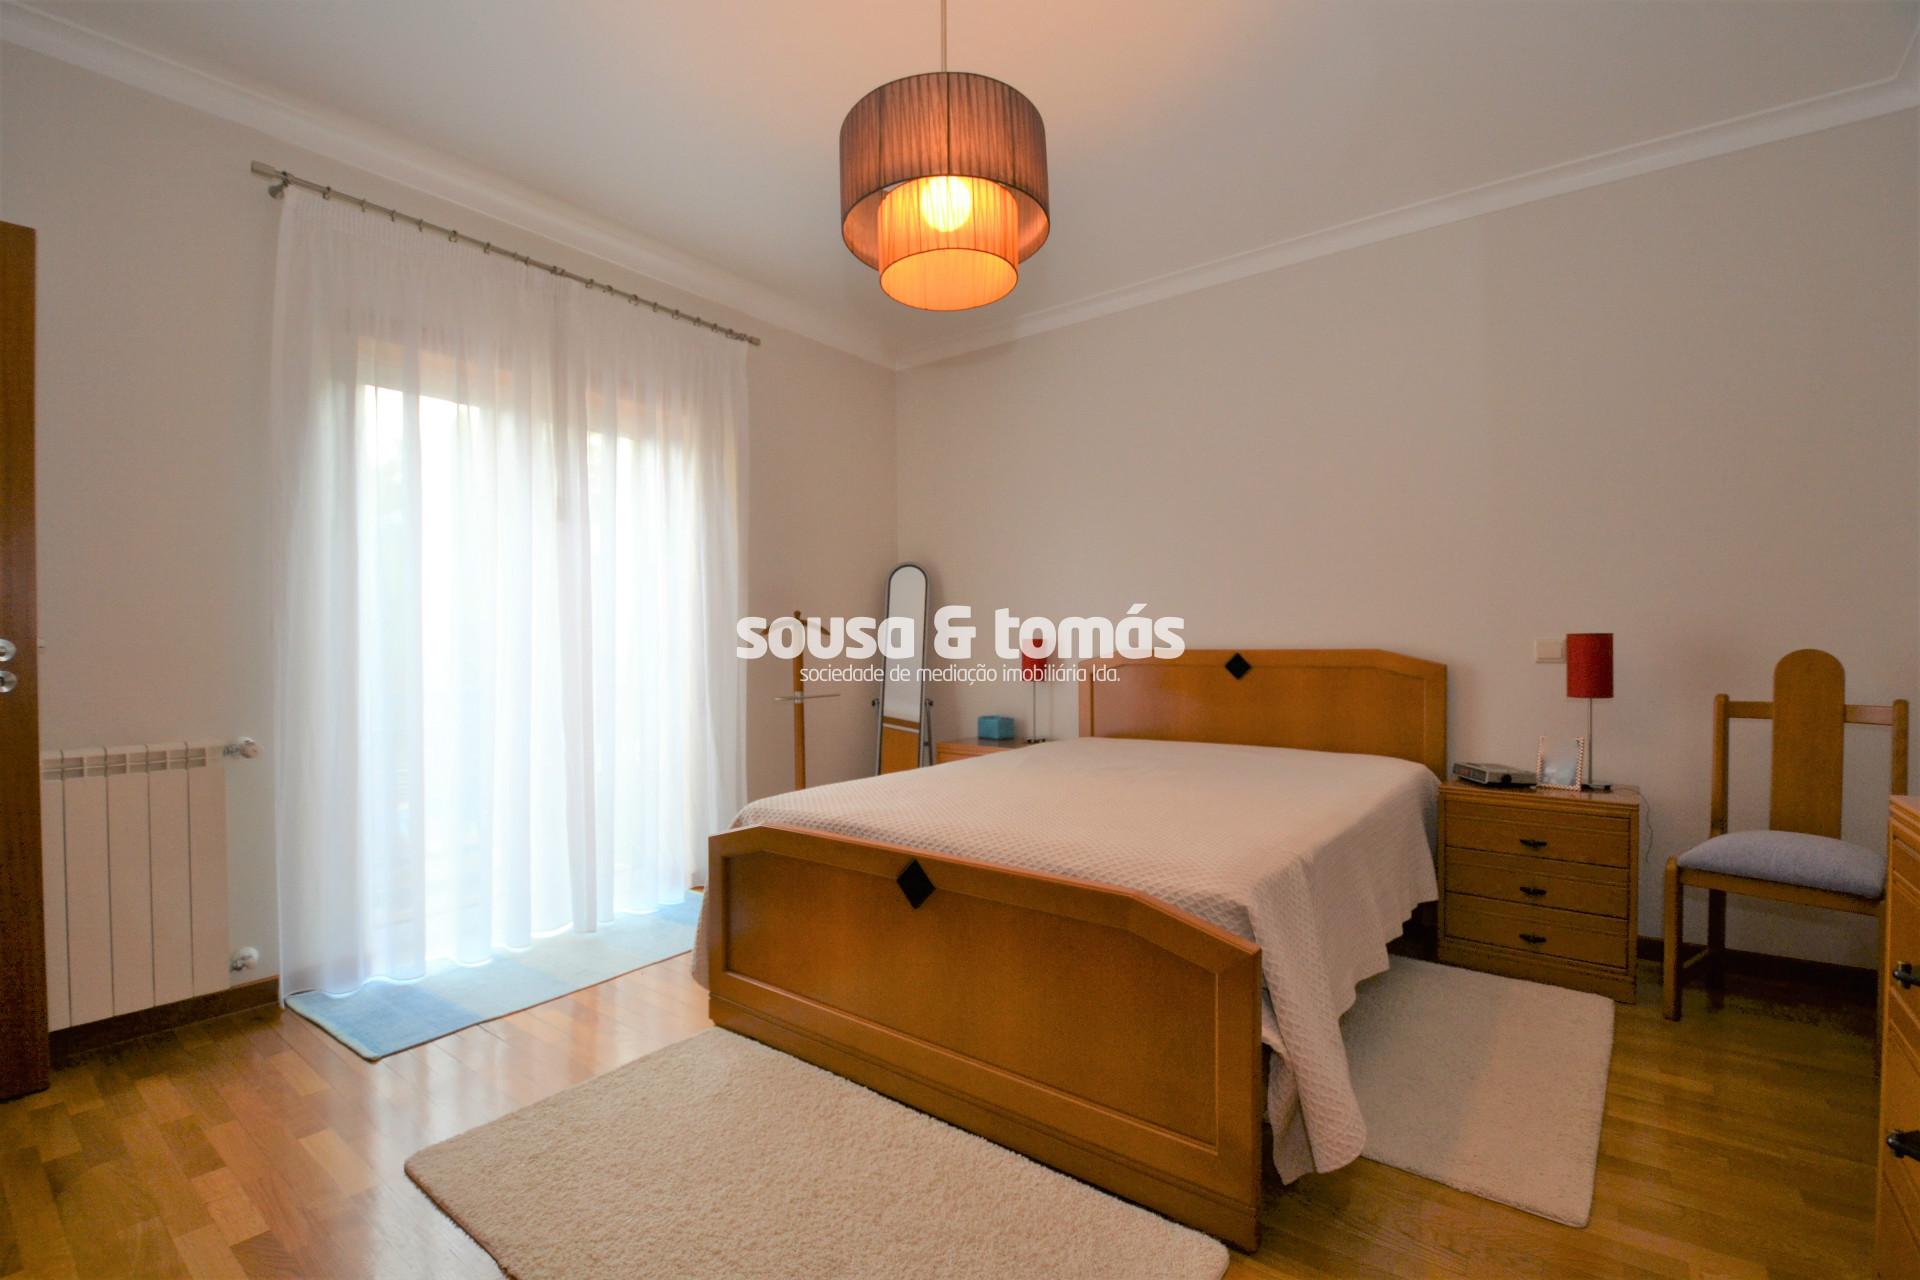 Sousa & Tomás - Sociedade de Mediação Imobiliária, Lda